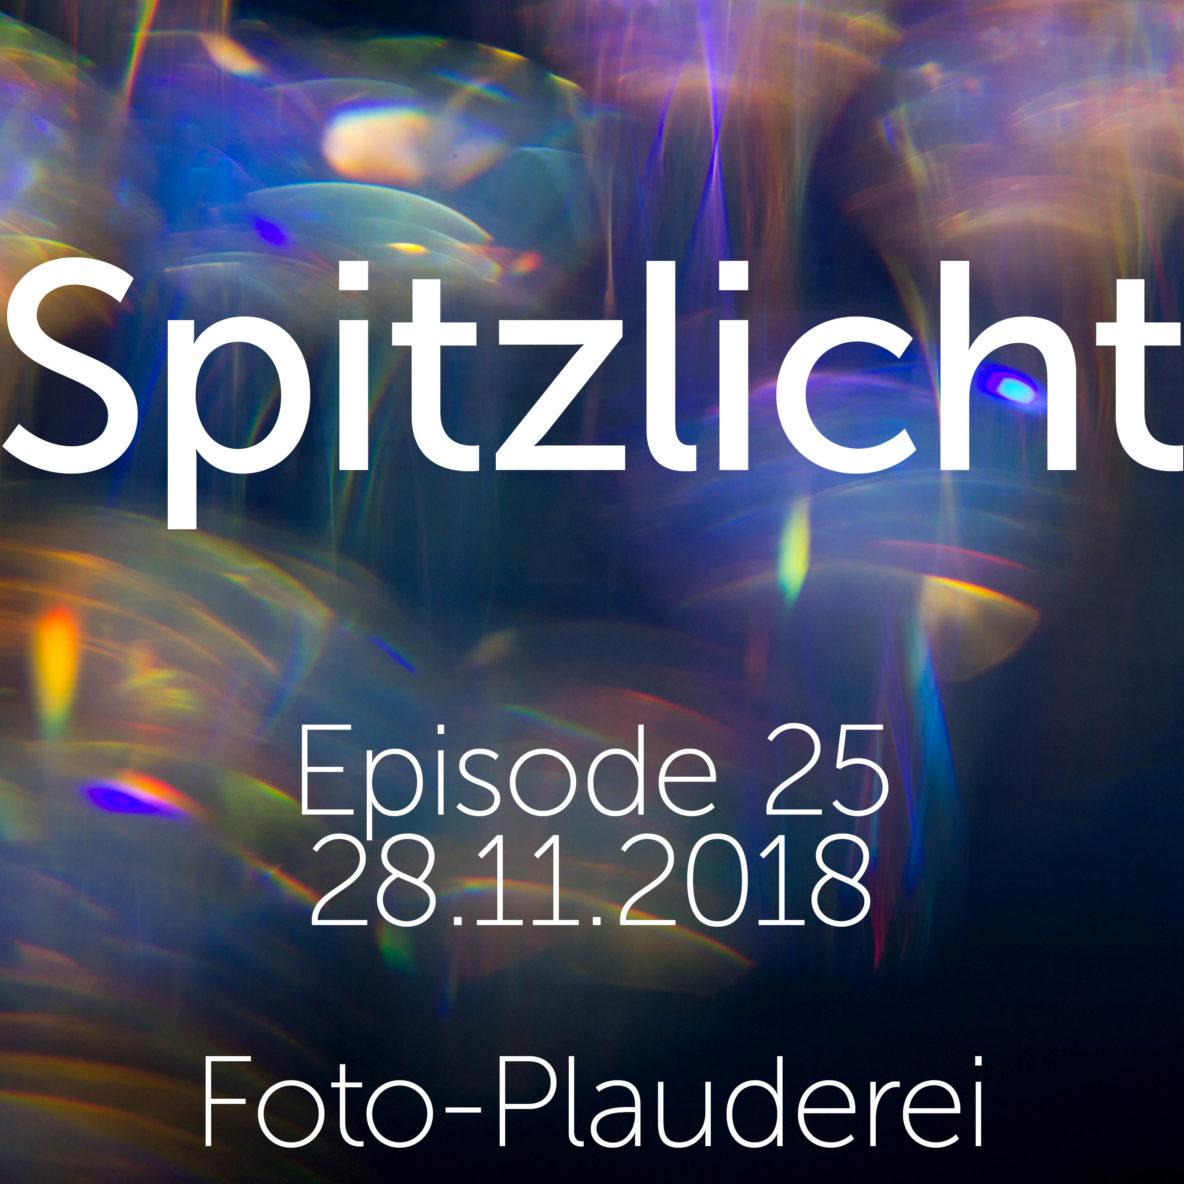 Spitzlicht Episode 25